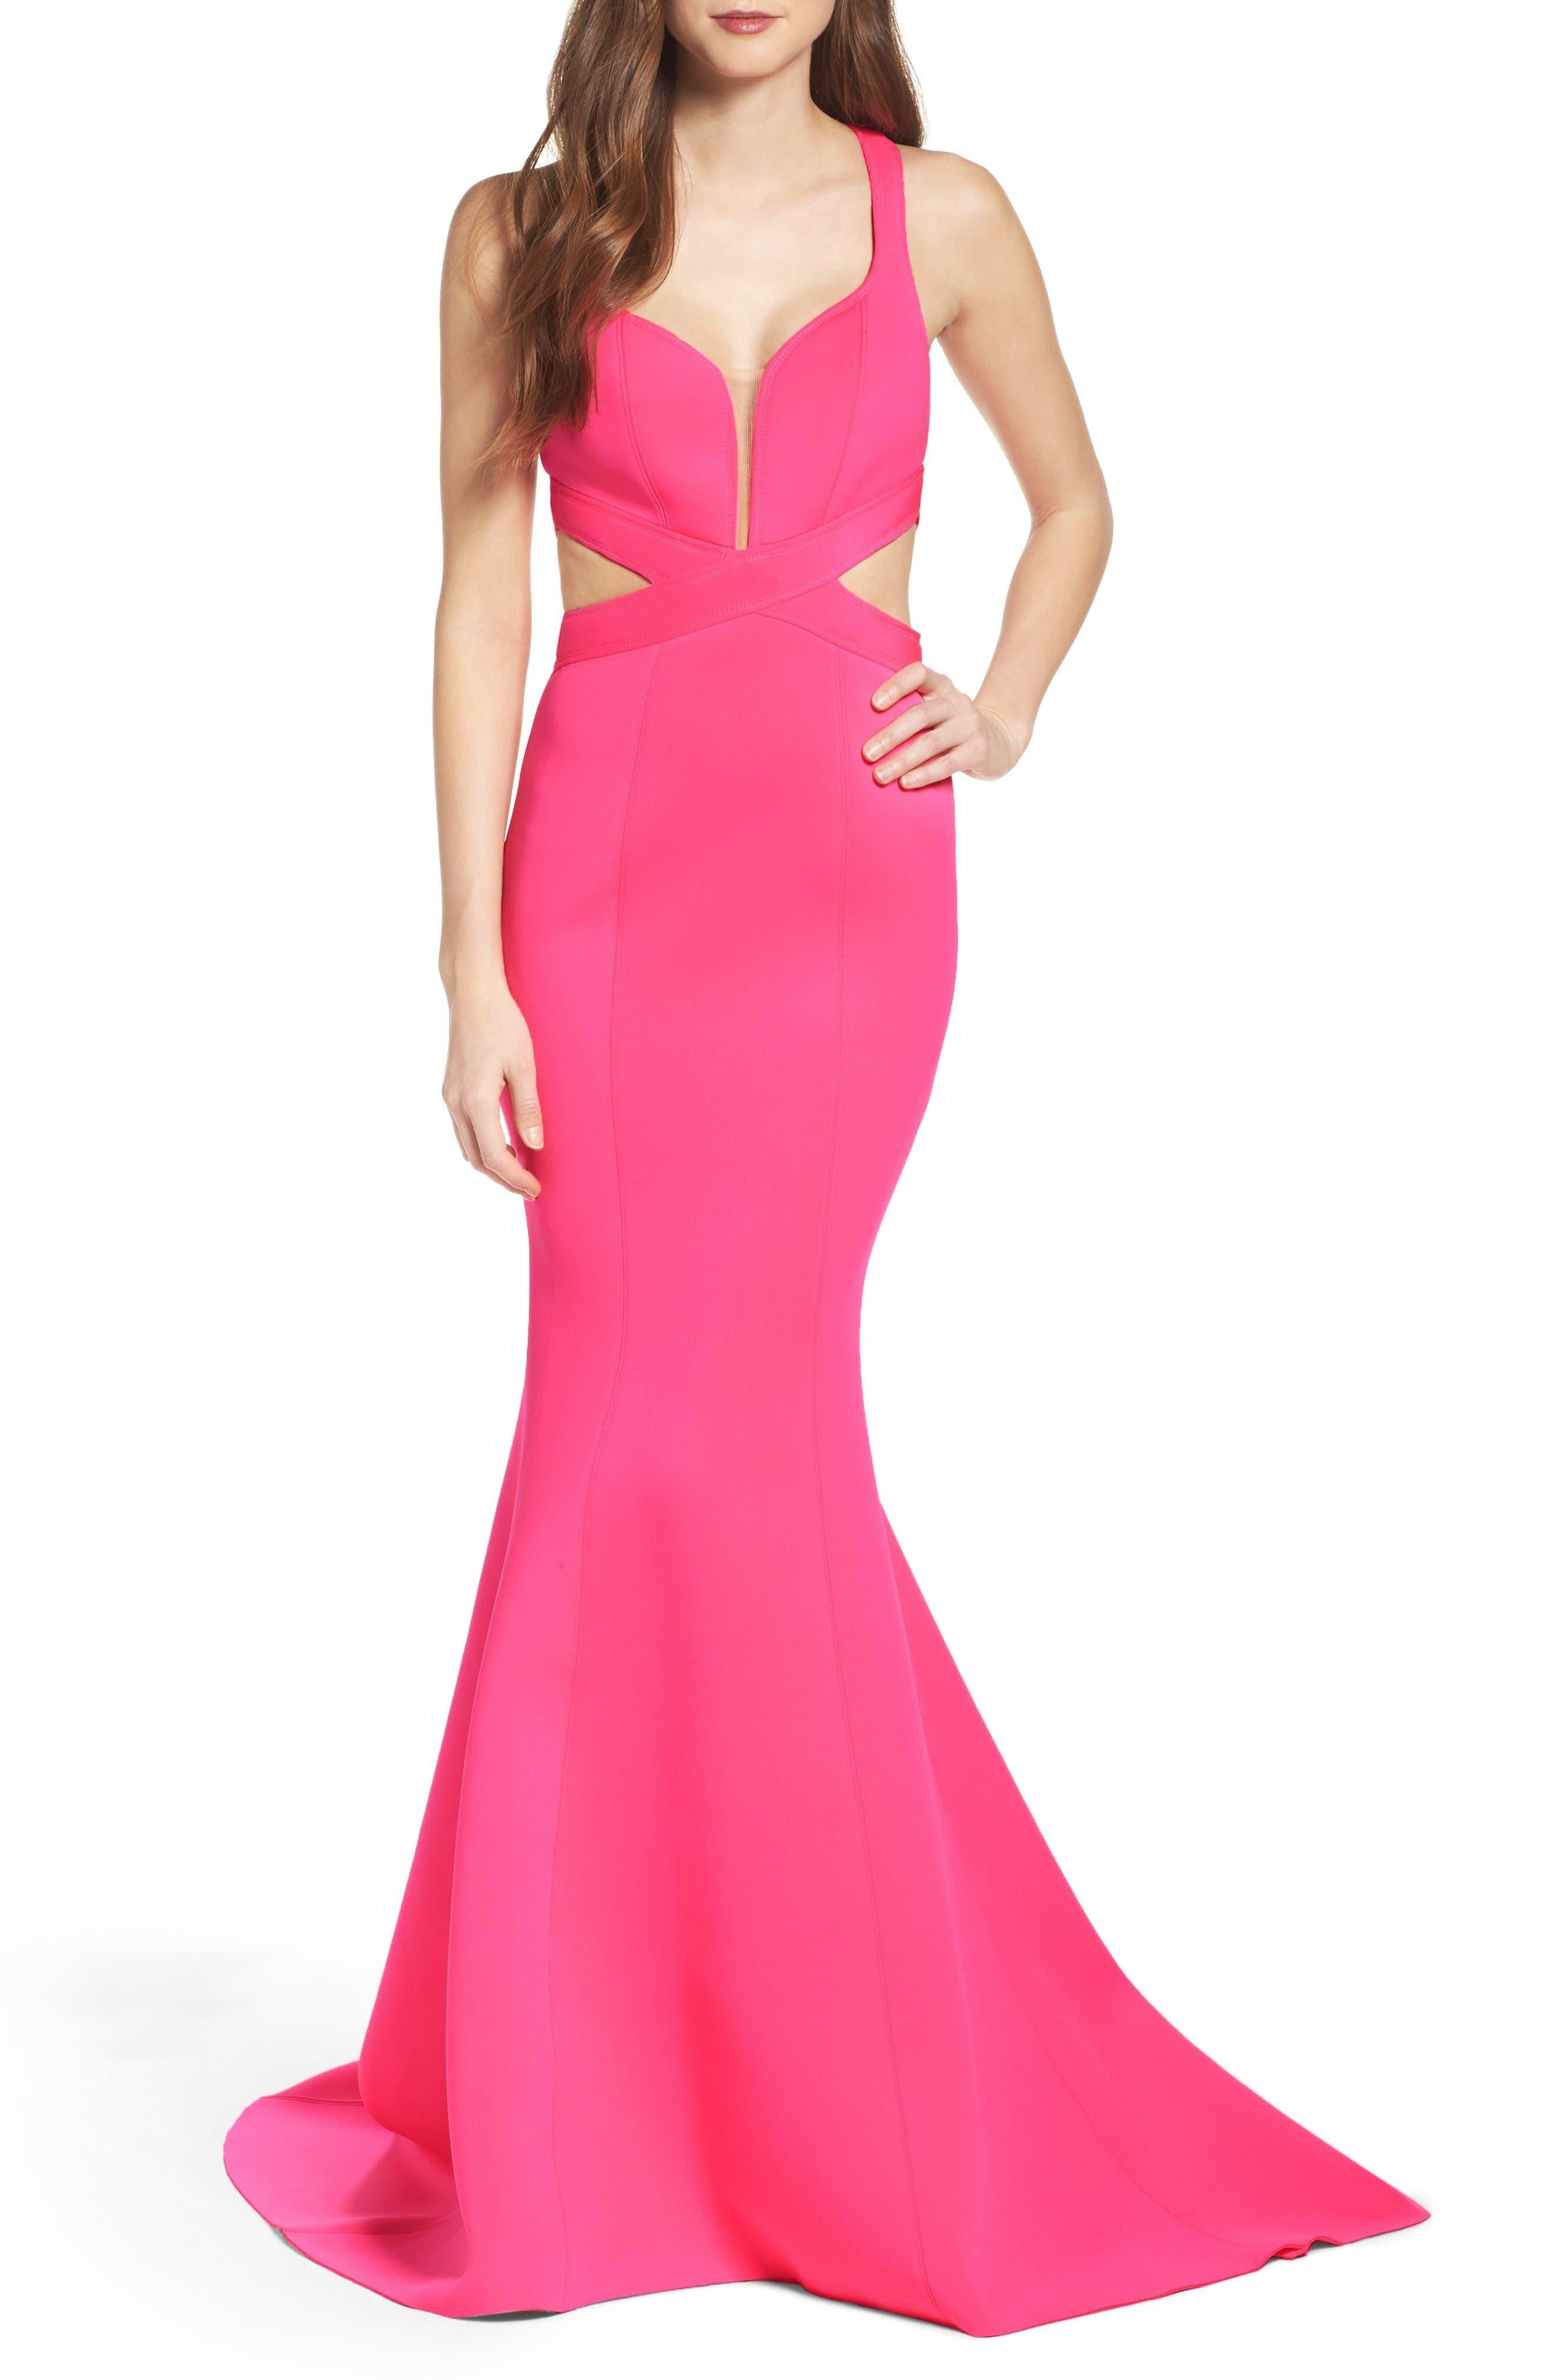 Alternate Image 1 Selected - La Femme Neoprene Mermaid Gown